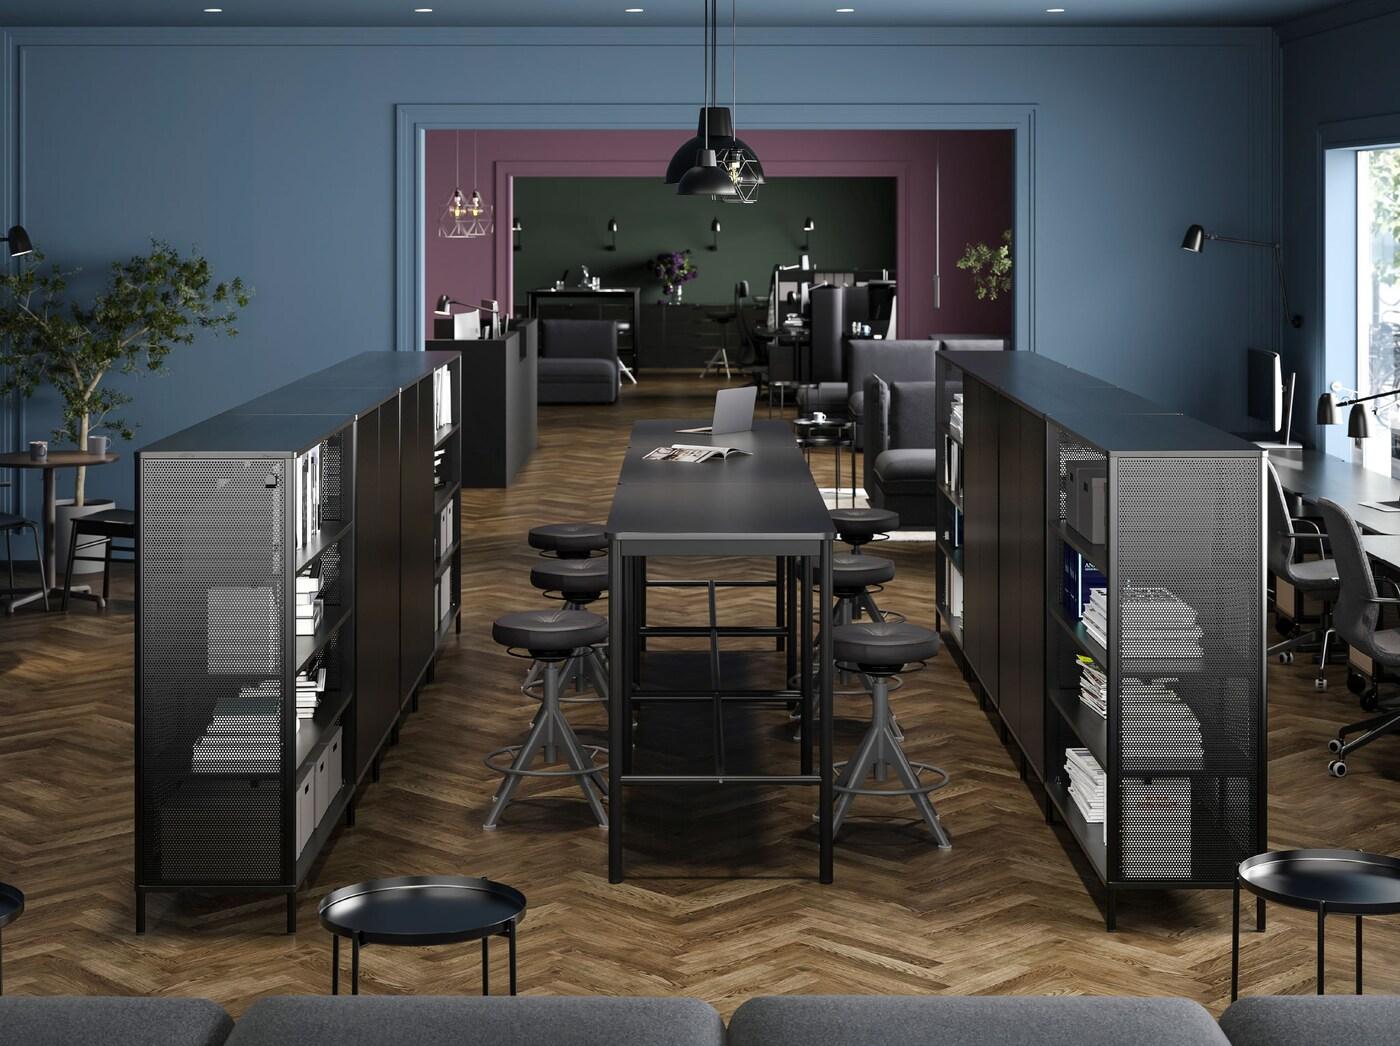 Dwa rzędy ustawionych na środku pomieszczenia czarnych regałów BEKANT z biurkami BEKANT i stołkami kreślarskimi TROLLBERGET pomiędzy nimi.